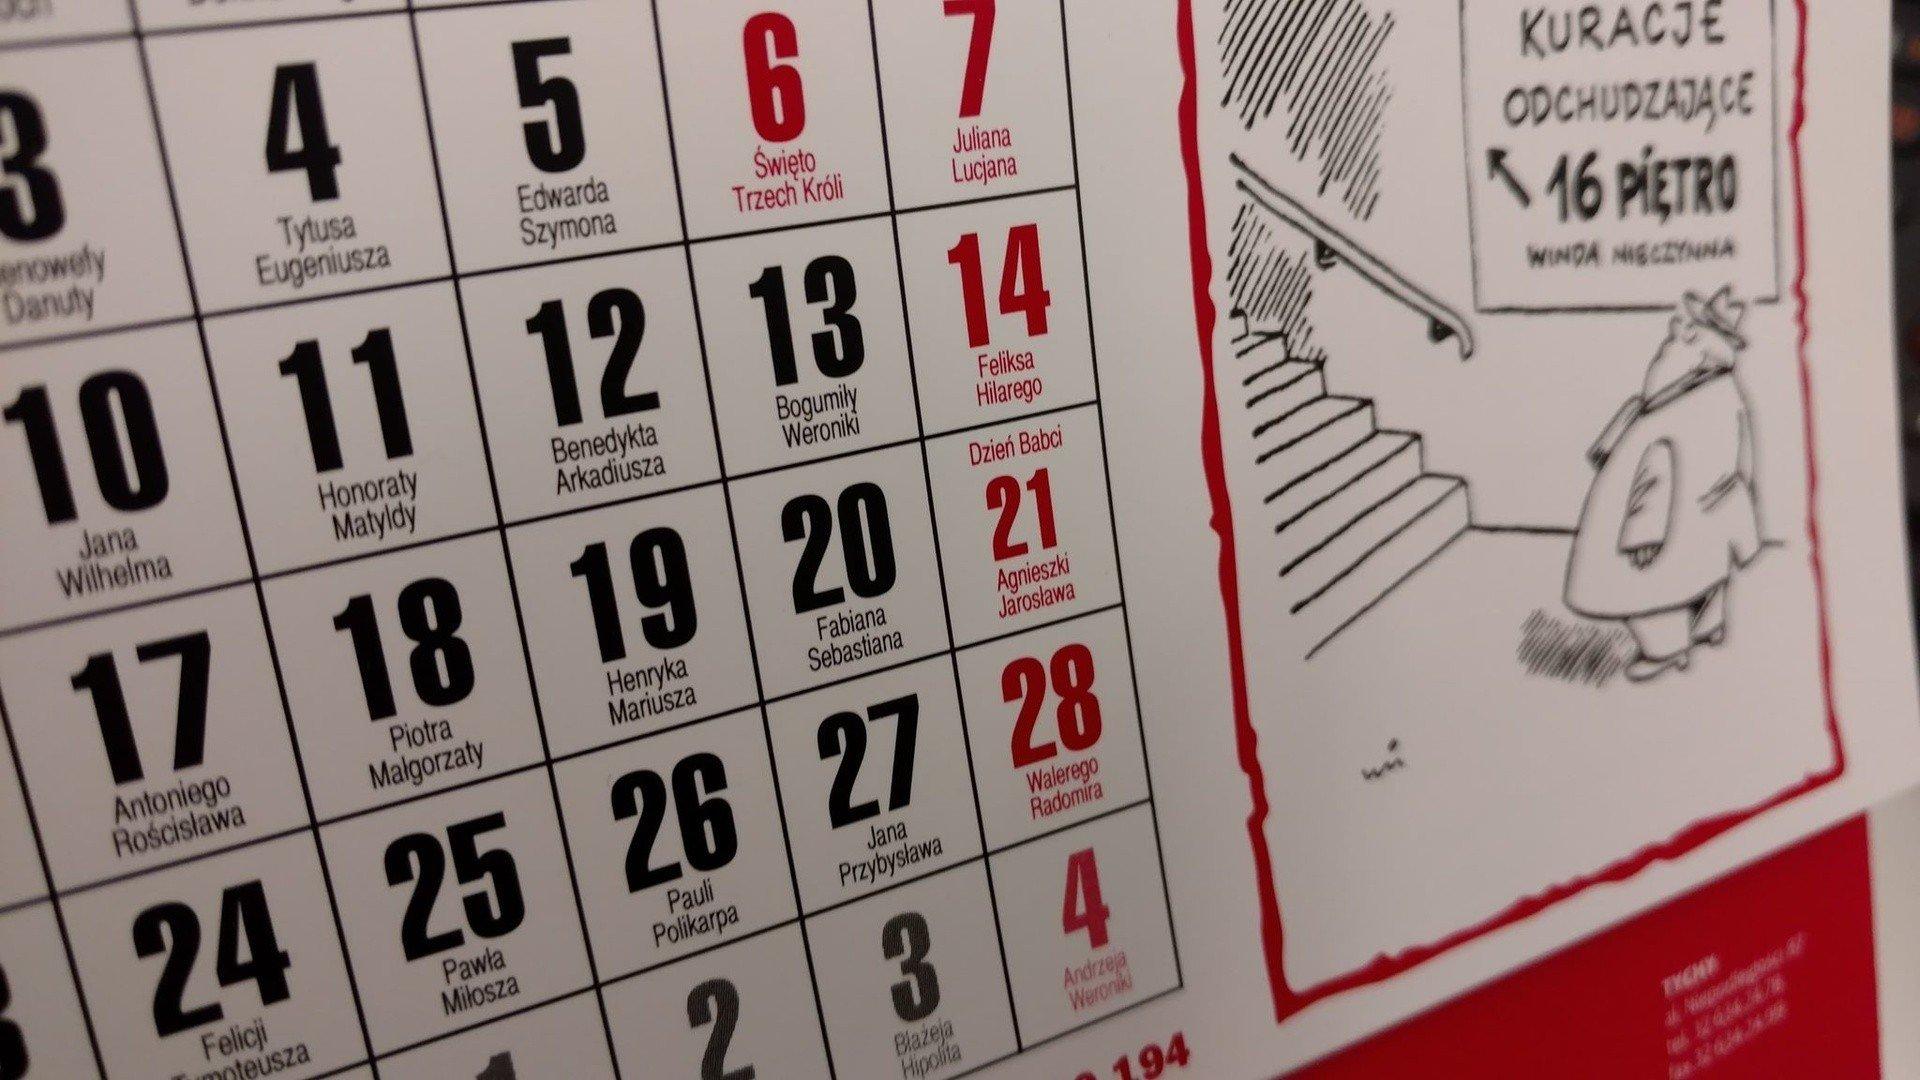 Dni Wolne 2019 Kalendarz Aż 10 Dni Wolnego Ekstra Majówka 2019